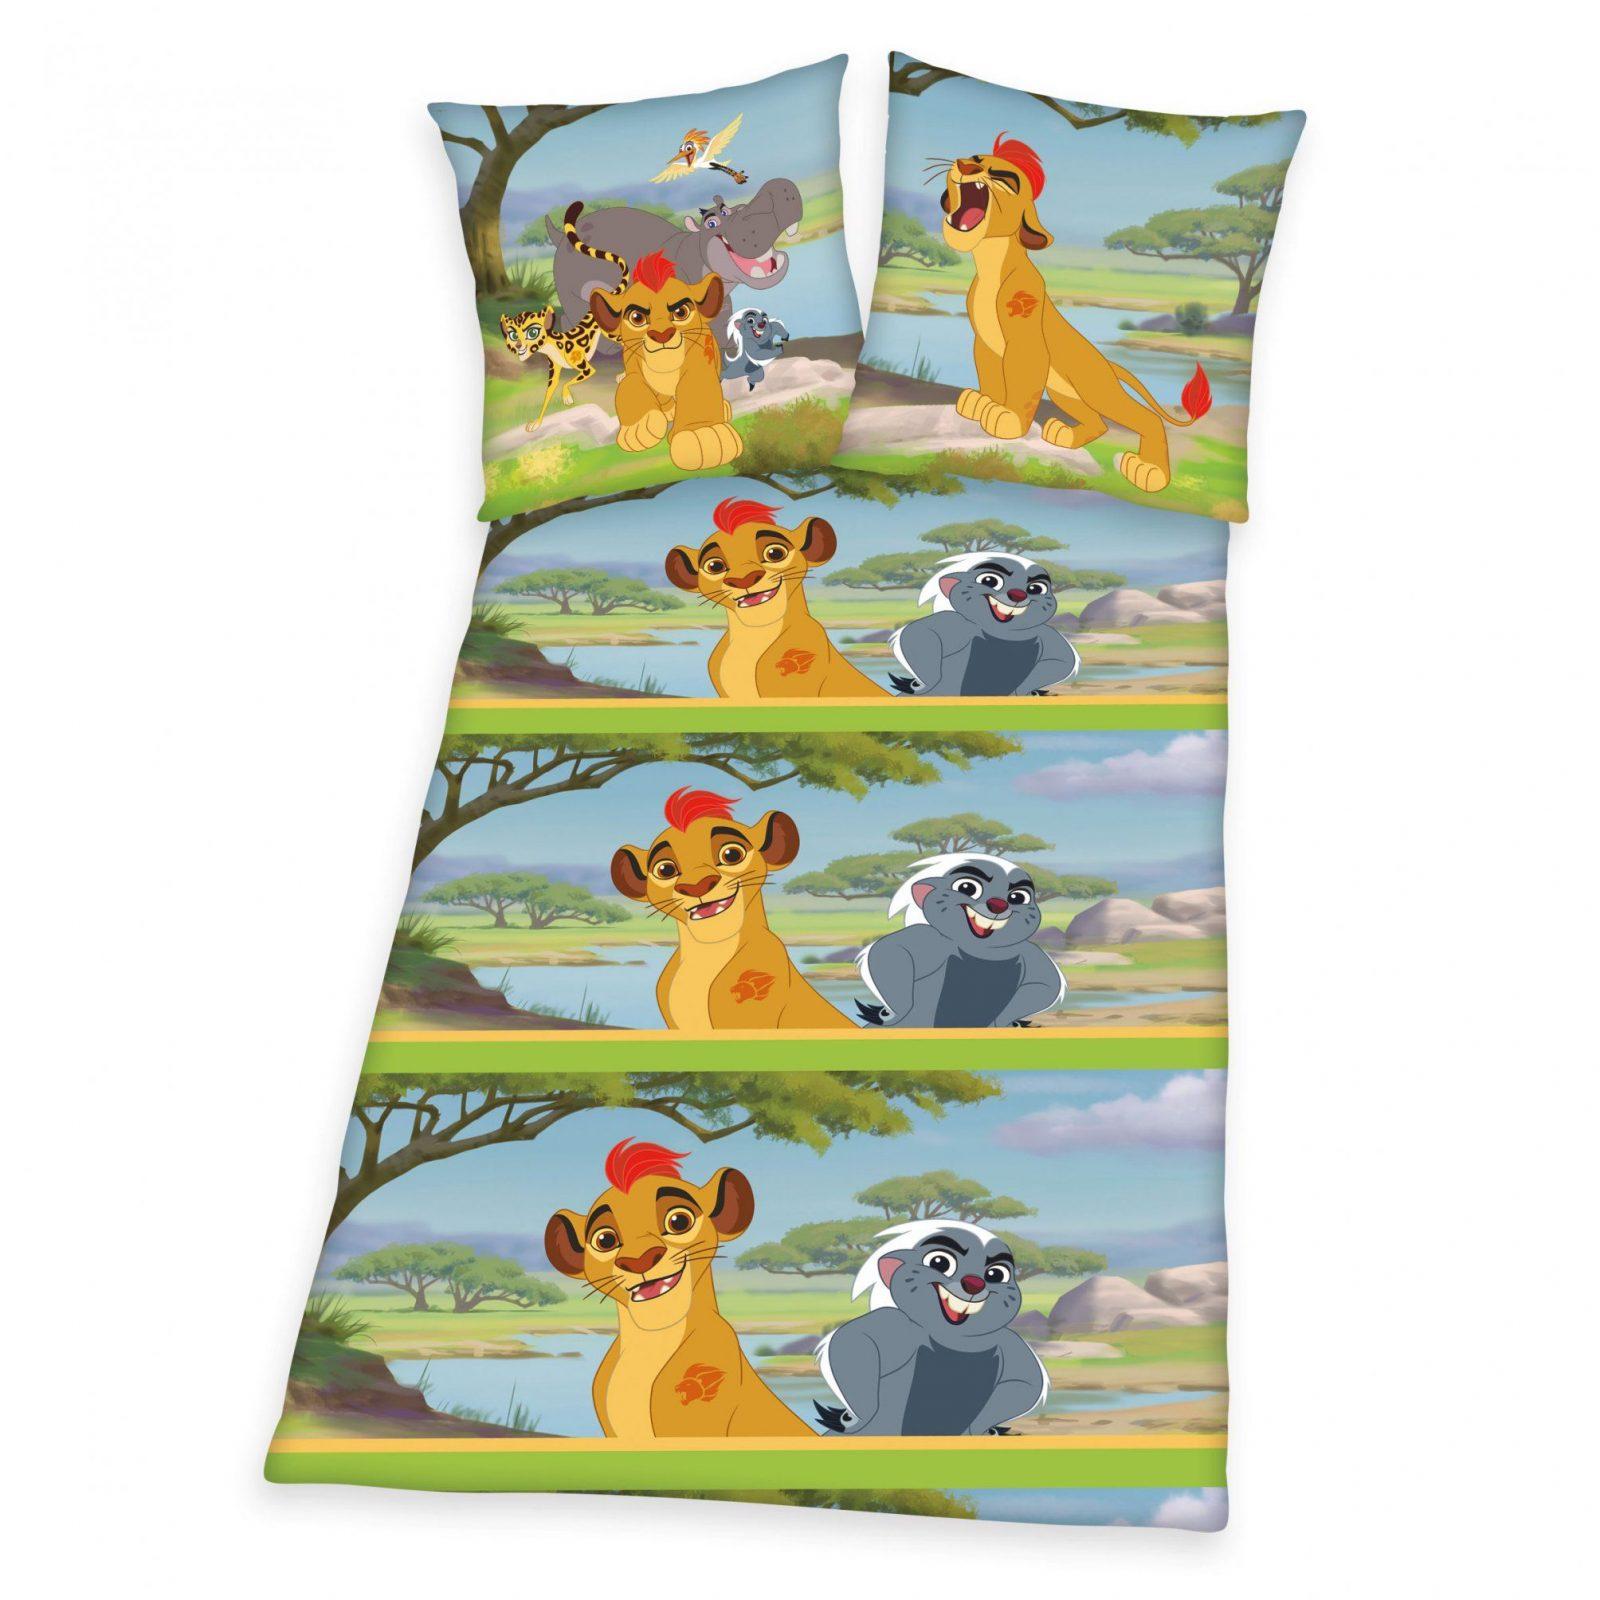 Trend Textilien Zum Kuscheln Und Träumen  Klaus Herding Gmbh von Garde Der Löwen Bettwäsche Bild